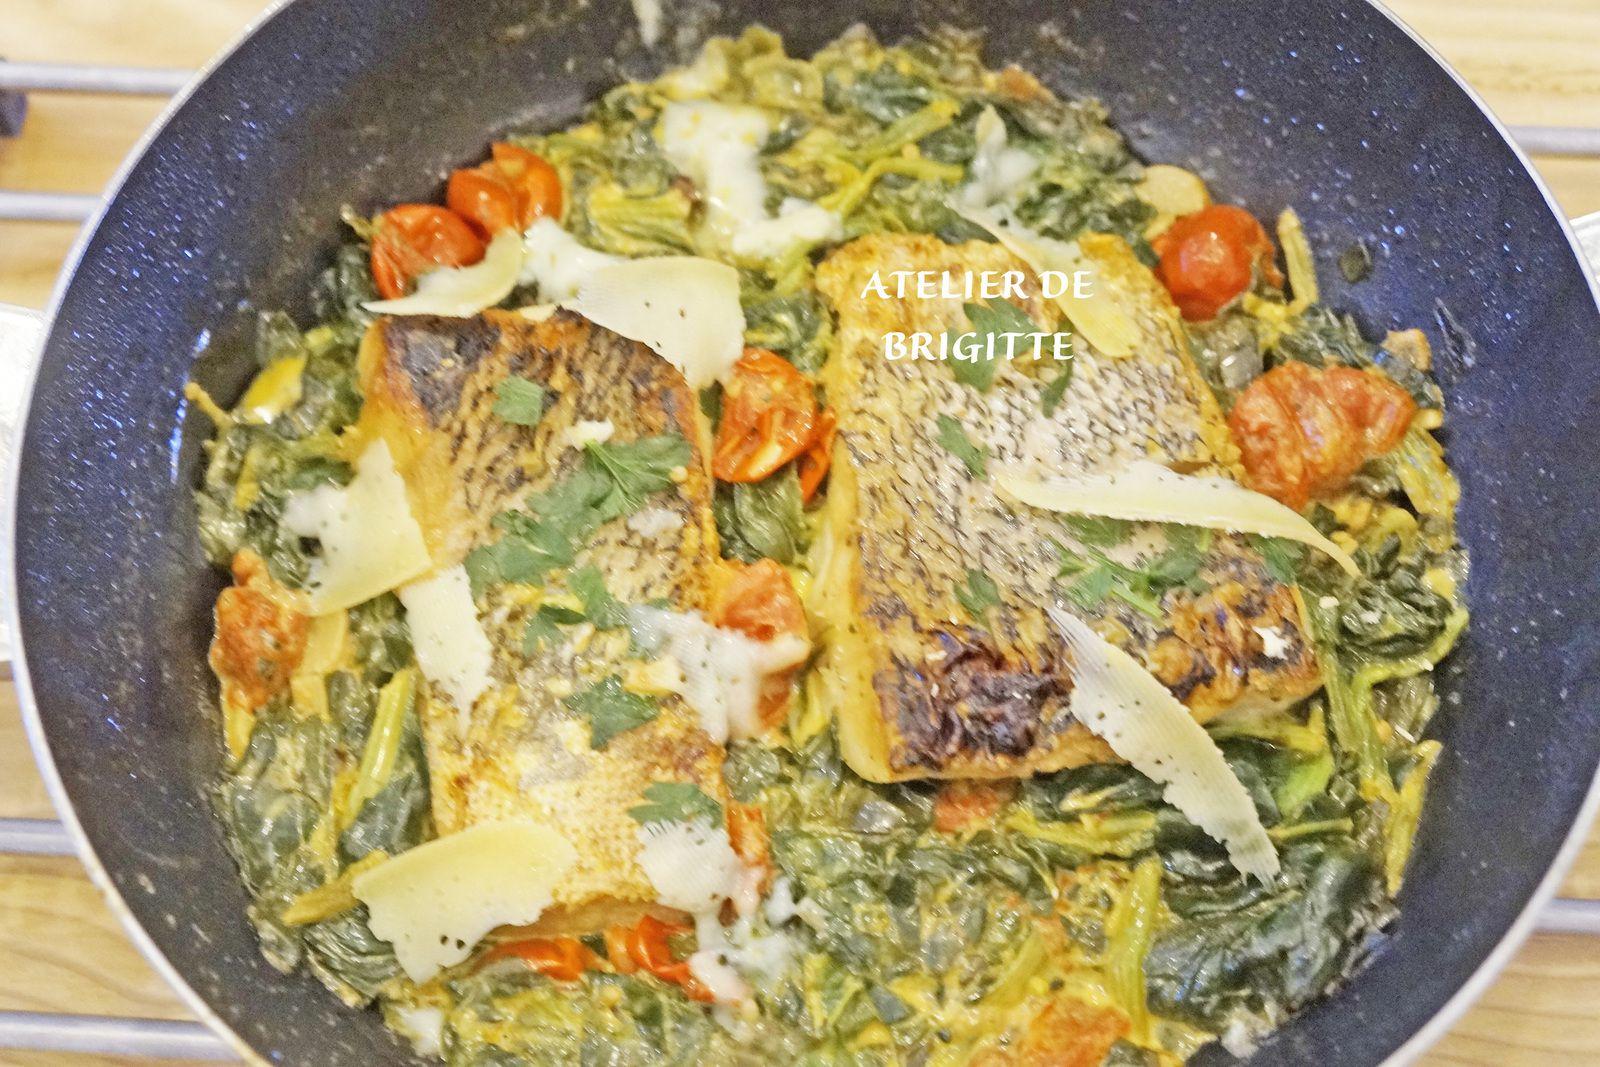 #poissonderivière #poisson #brochet #épinards #recette #recettedepoisson